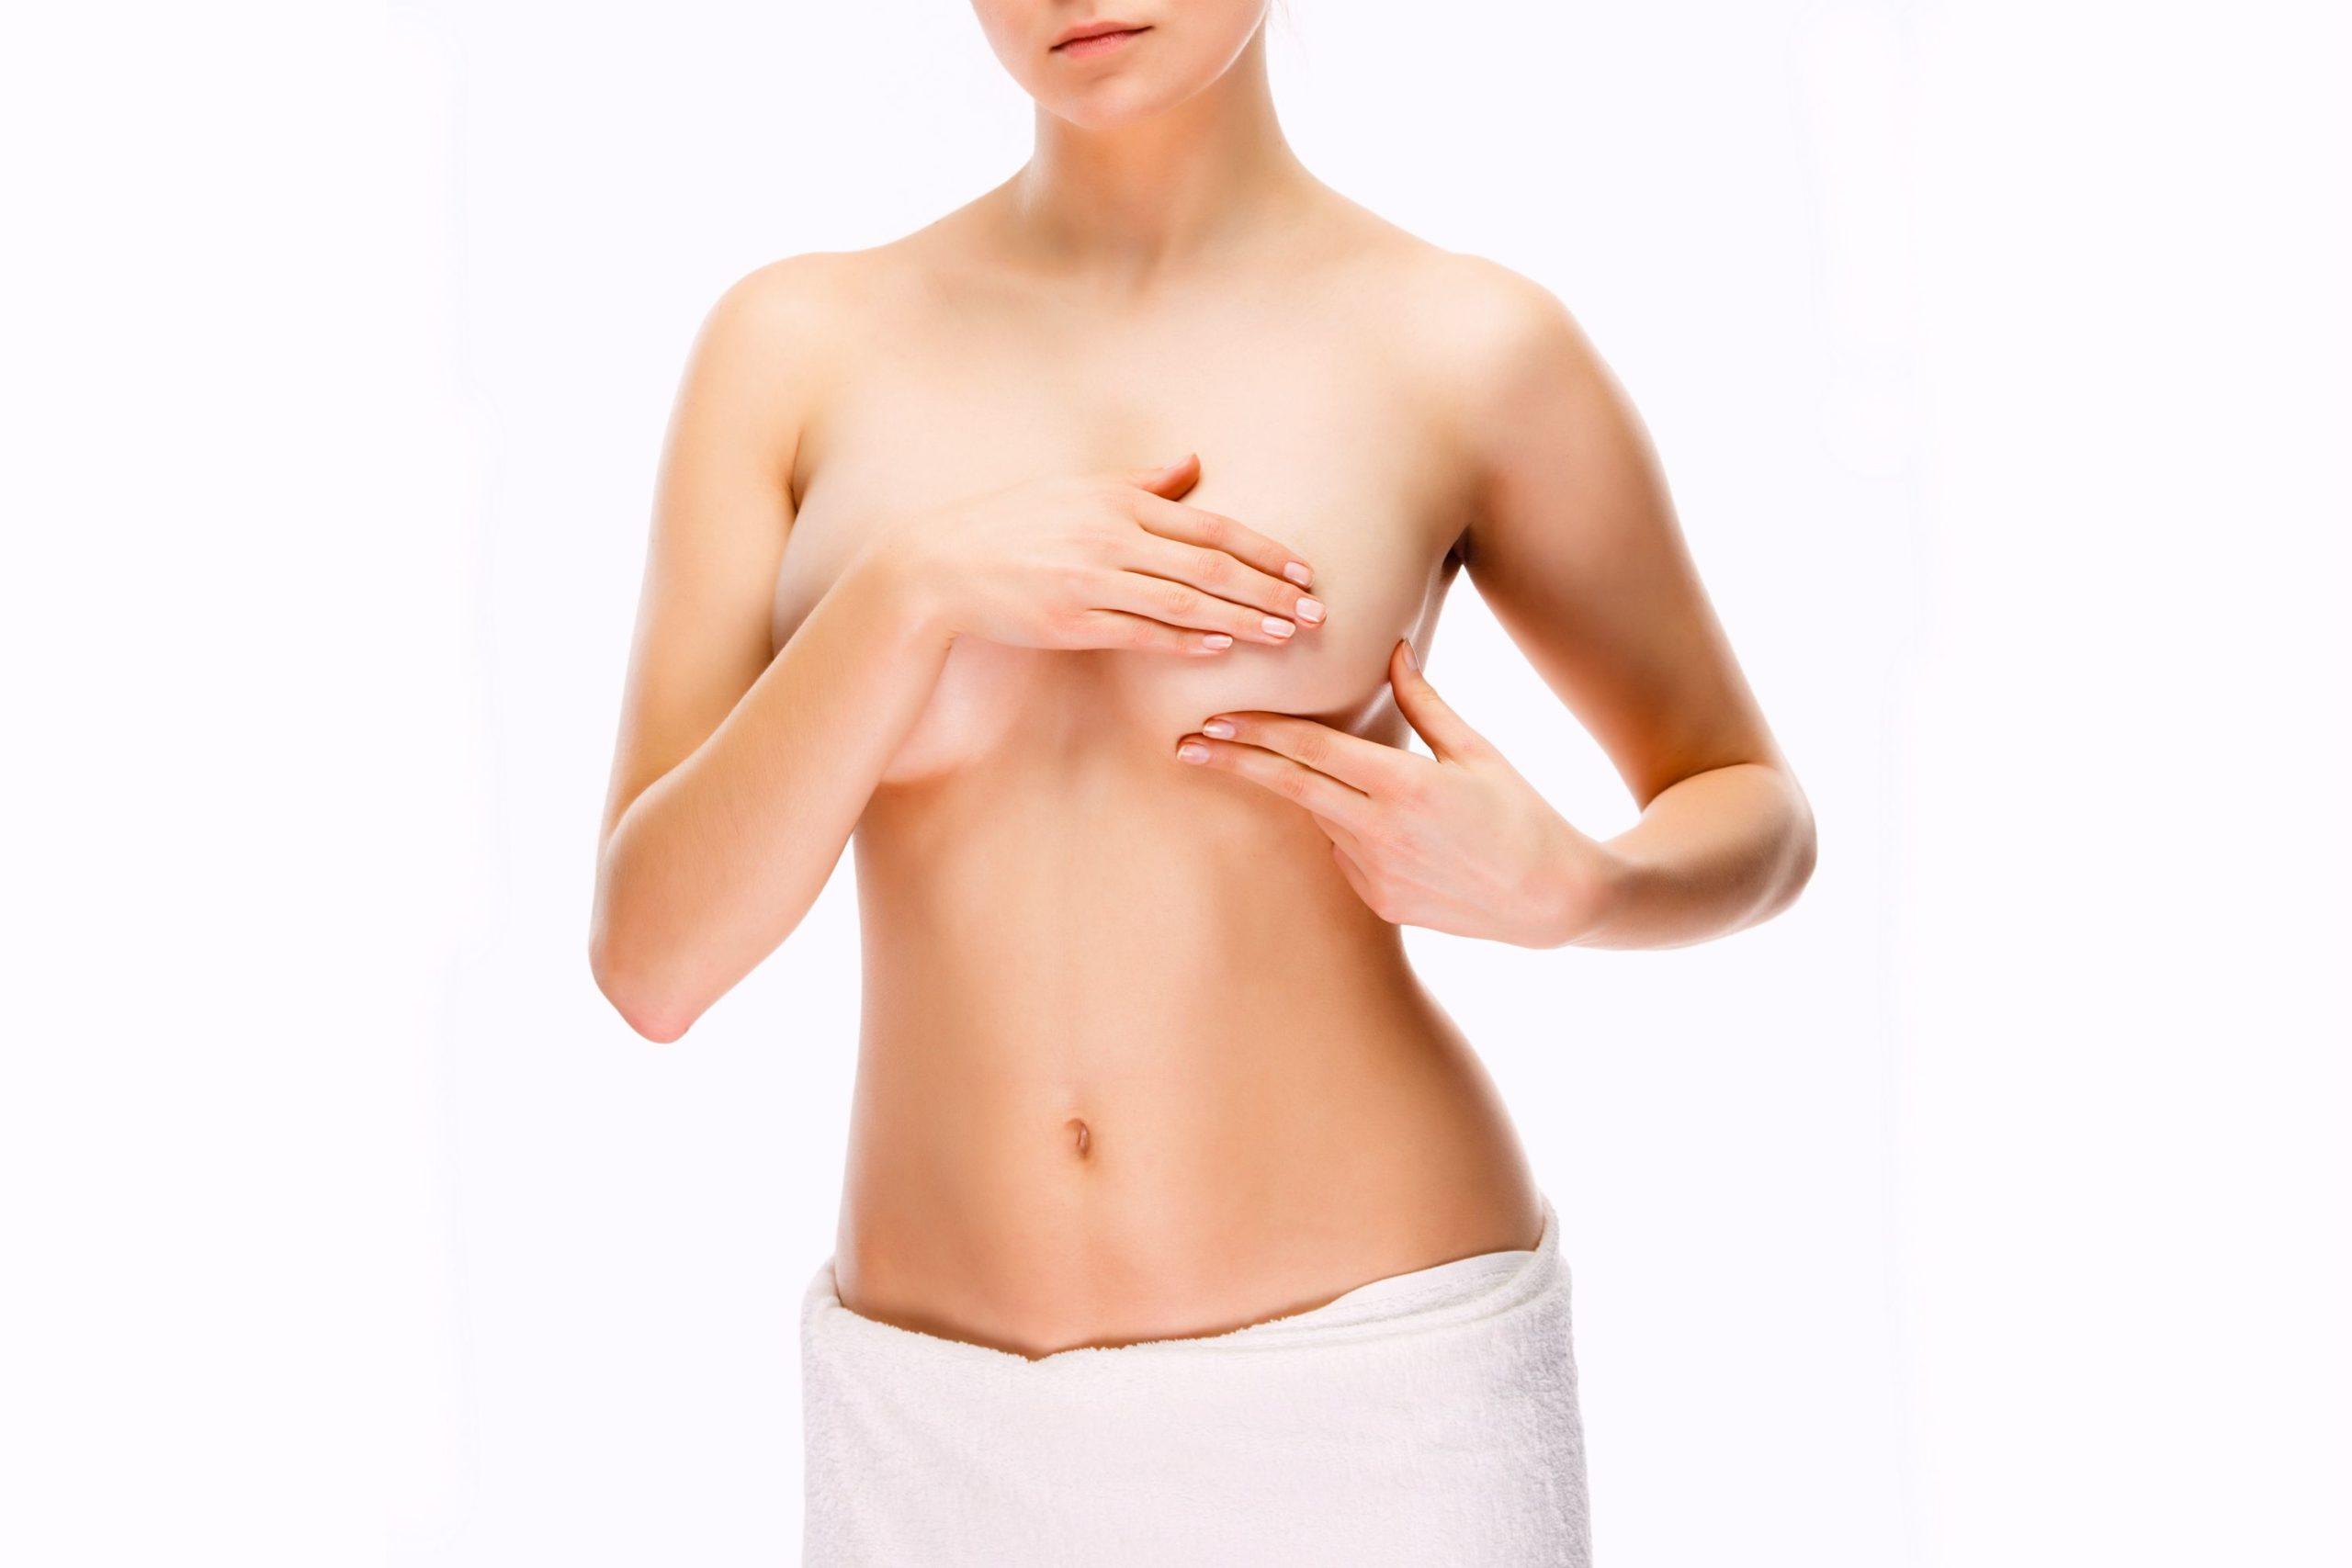 Chirurgie du sein et augmentation mammaire à Rennes | Dr Dellière